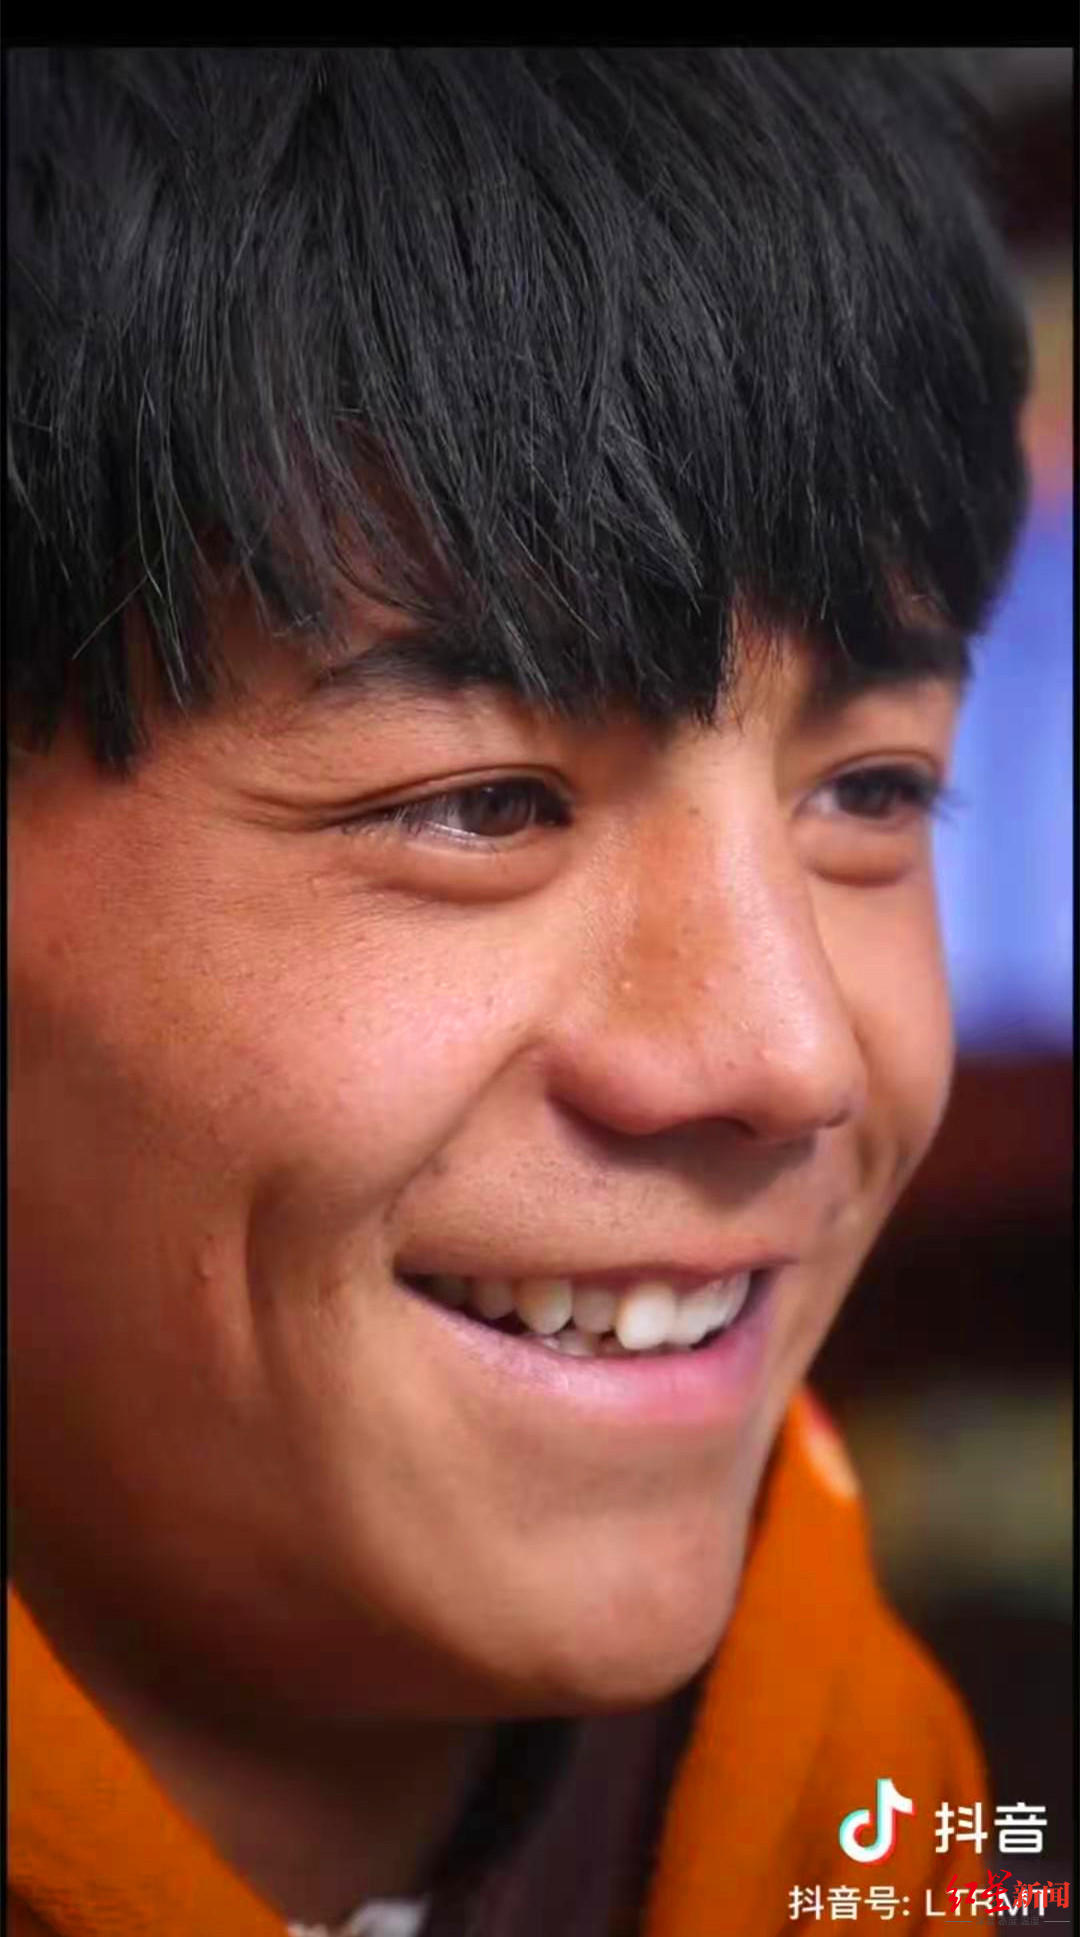 """""""有五险一金,每月3500元"""" 红遍全网的藏族小伙丁真签约国企"""